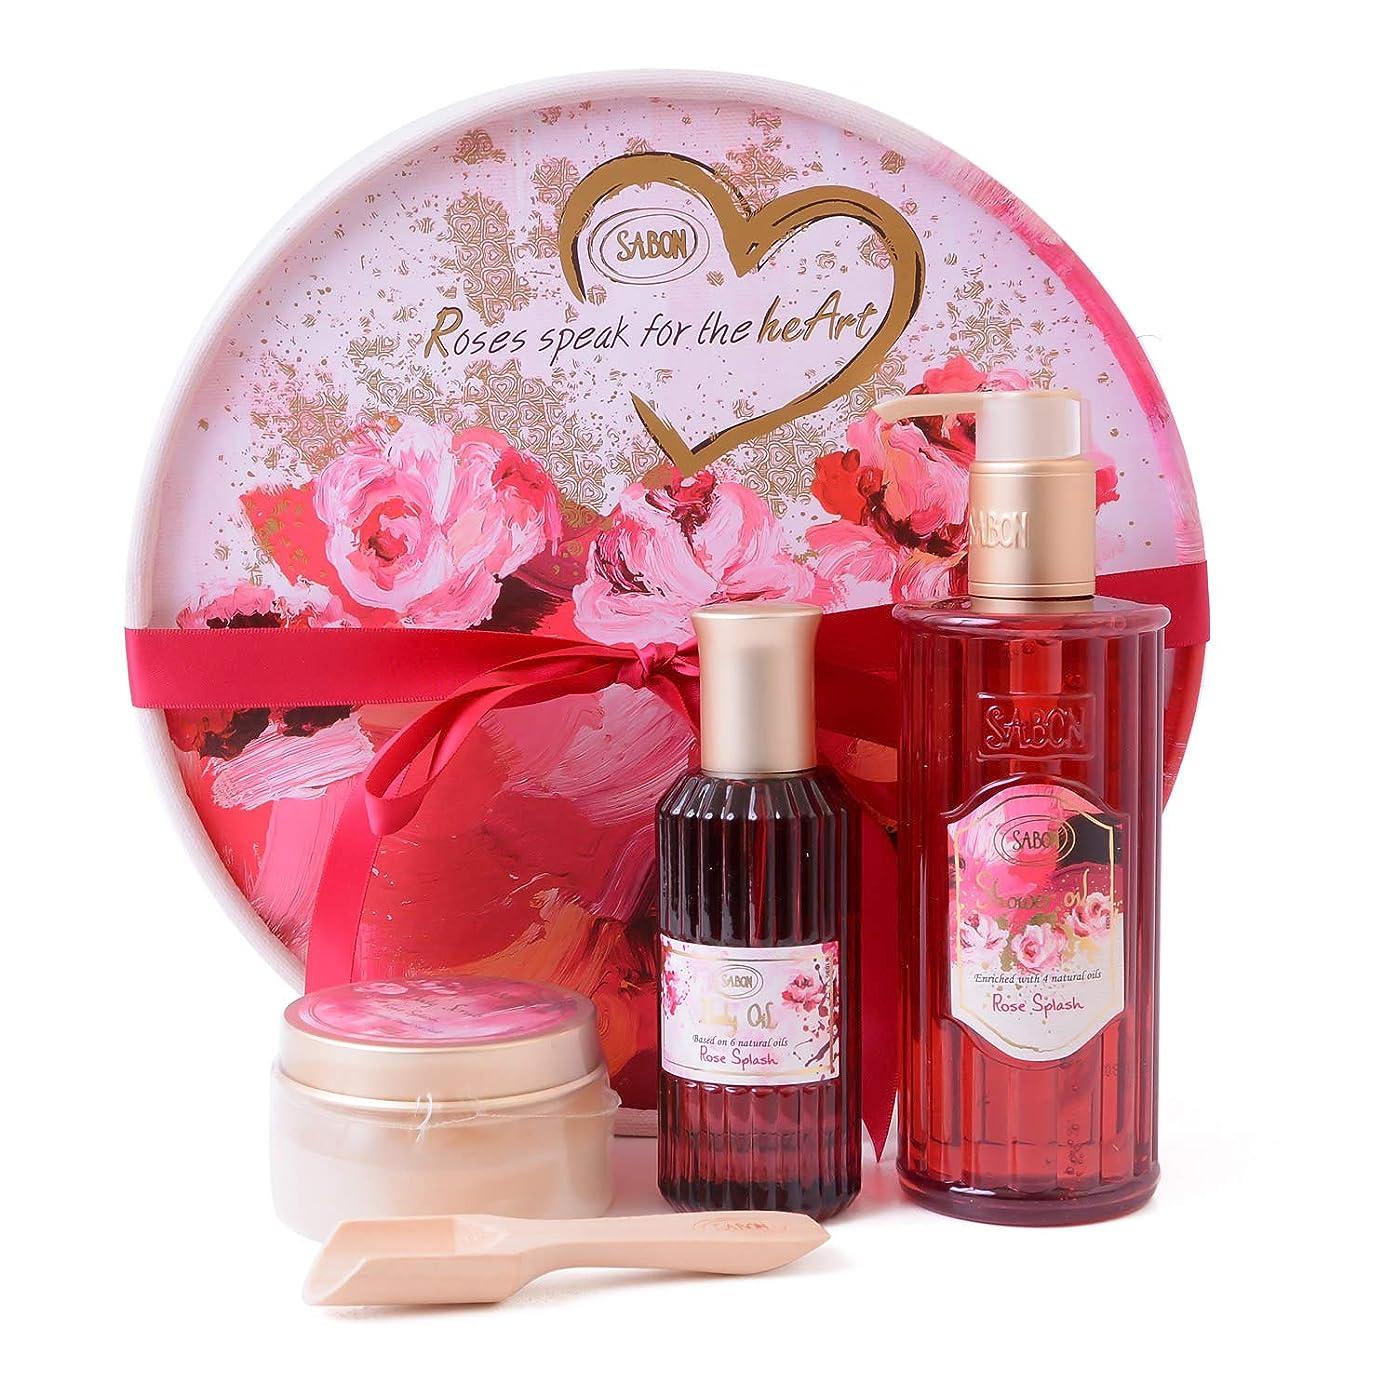 はぁ伝導アルバム[サボン] SABON ギフトセット Roses speak for the heart シャワーオイル ボディスクラブ ボディオイル ショップバッグ付 (限定セット)